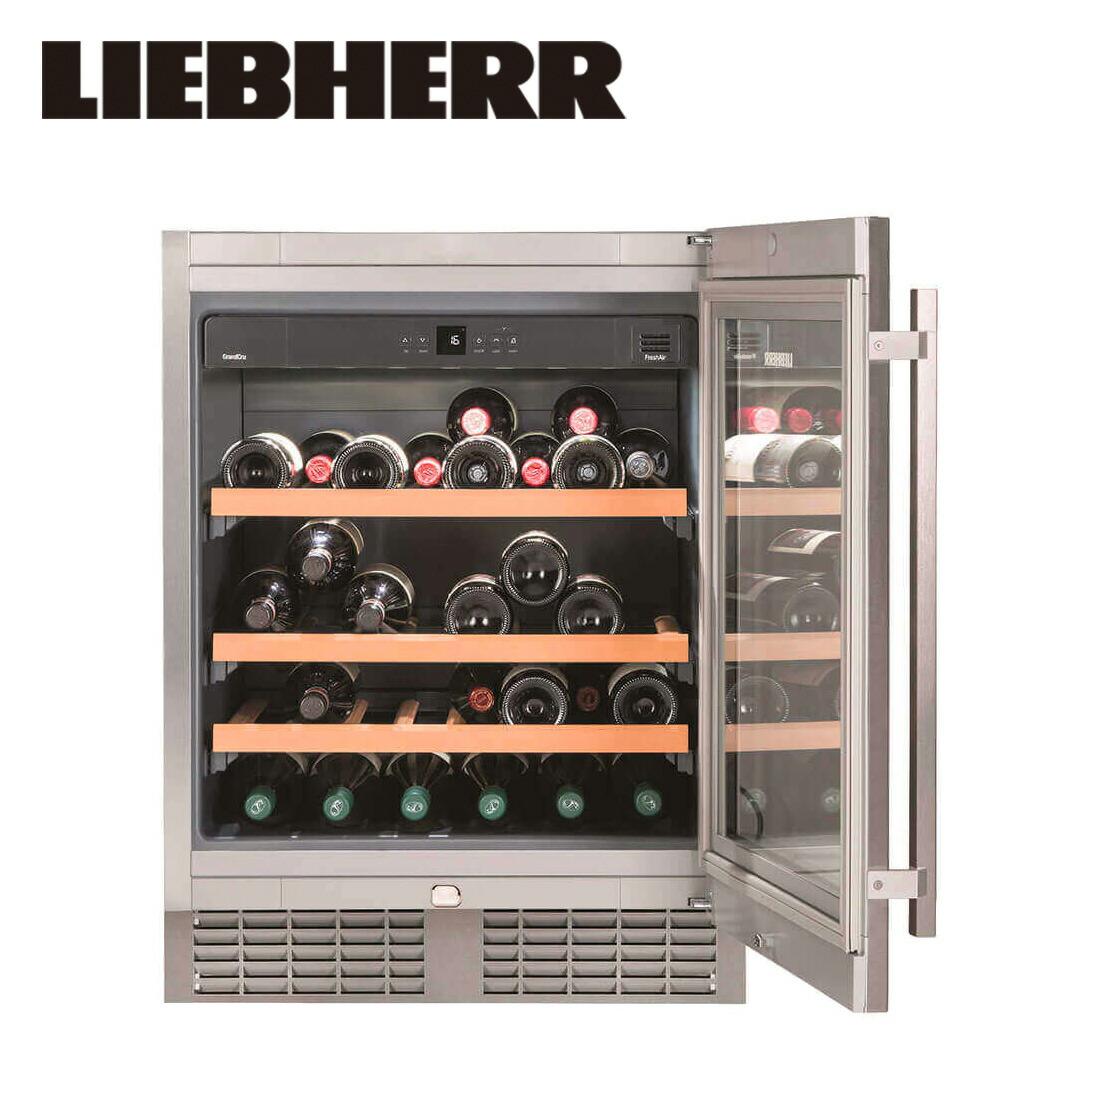 【関東4都県宛のみ注文可】リープヘル ワインキャビネット LIEBHERR UWKes1752 GrandCru 135L ビルトイン Built-in アンダーカウンター Undercounter Wine Cabinet【開梱設置無料】【代引不可】